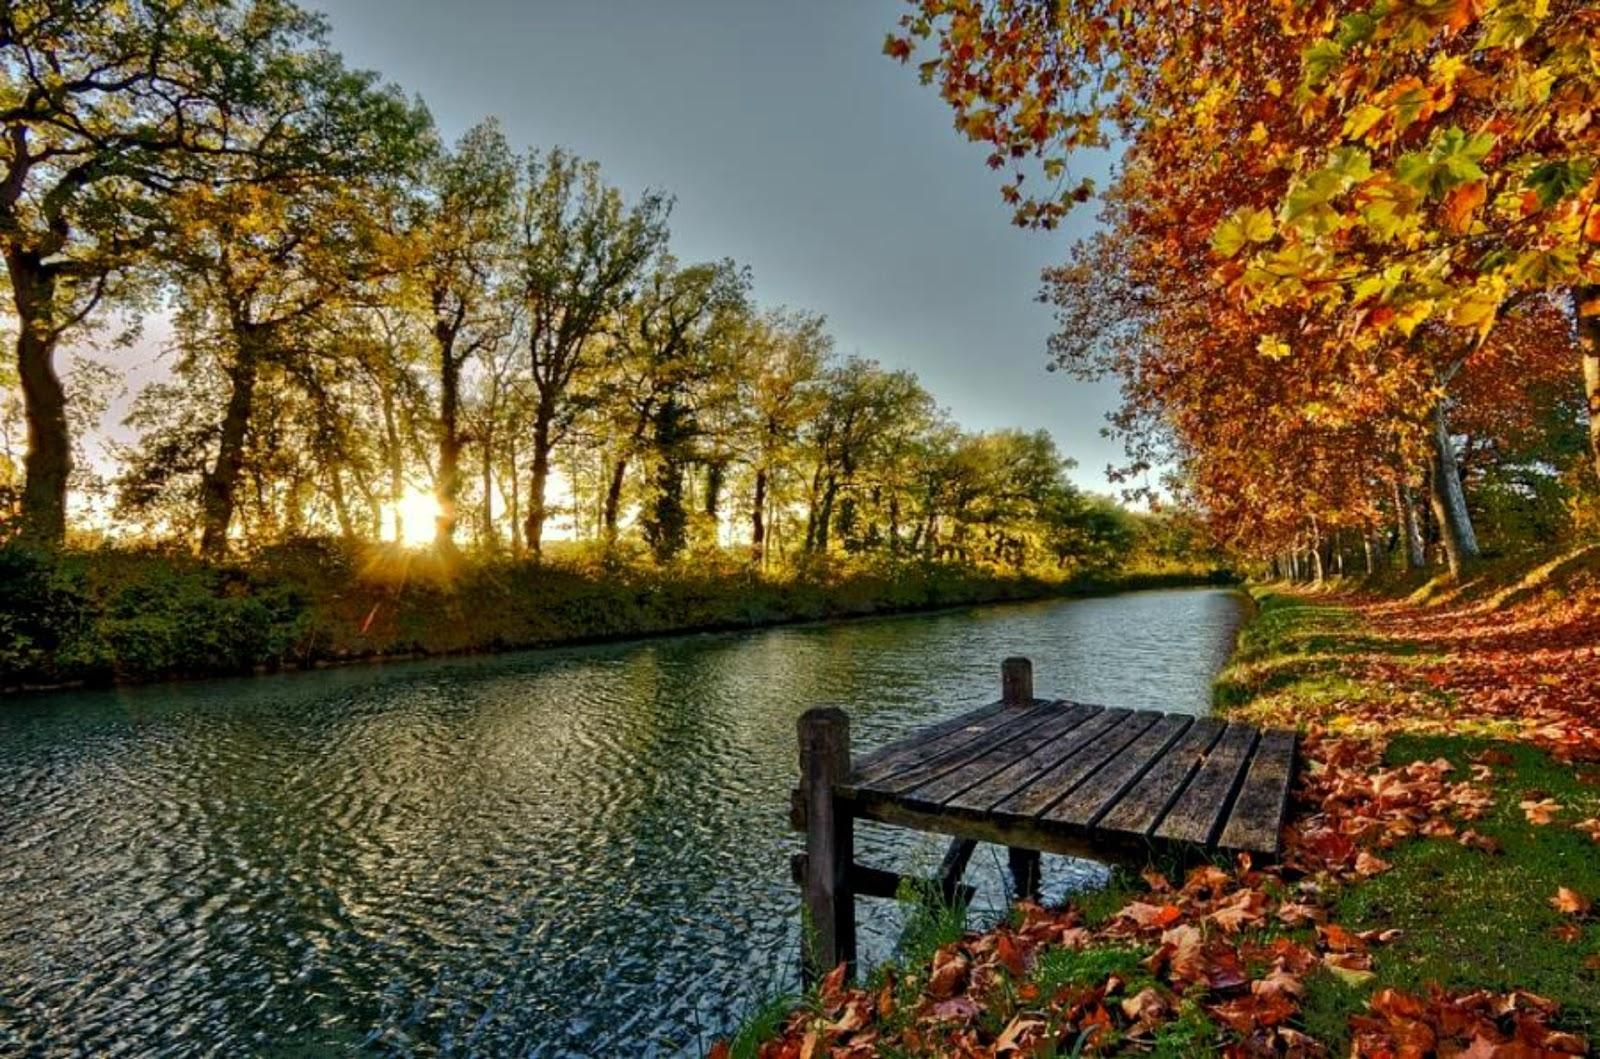 صورة اجمل الصور على الاطلاق , اجمل و احدث الصور للفيس بوك